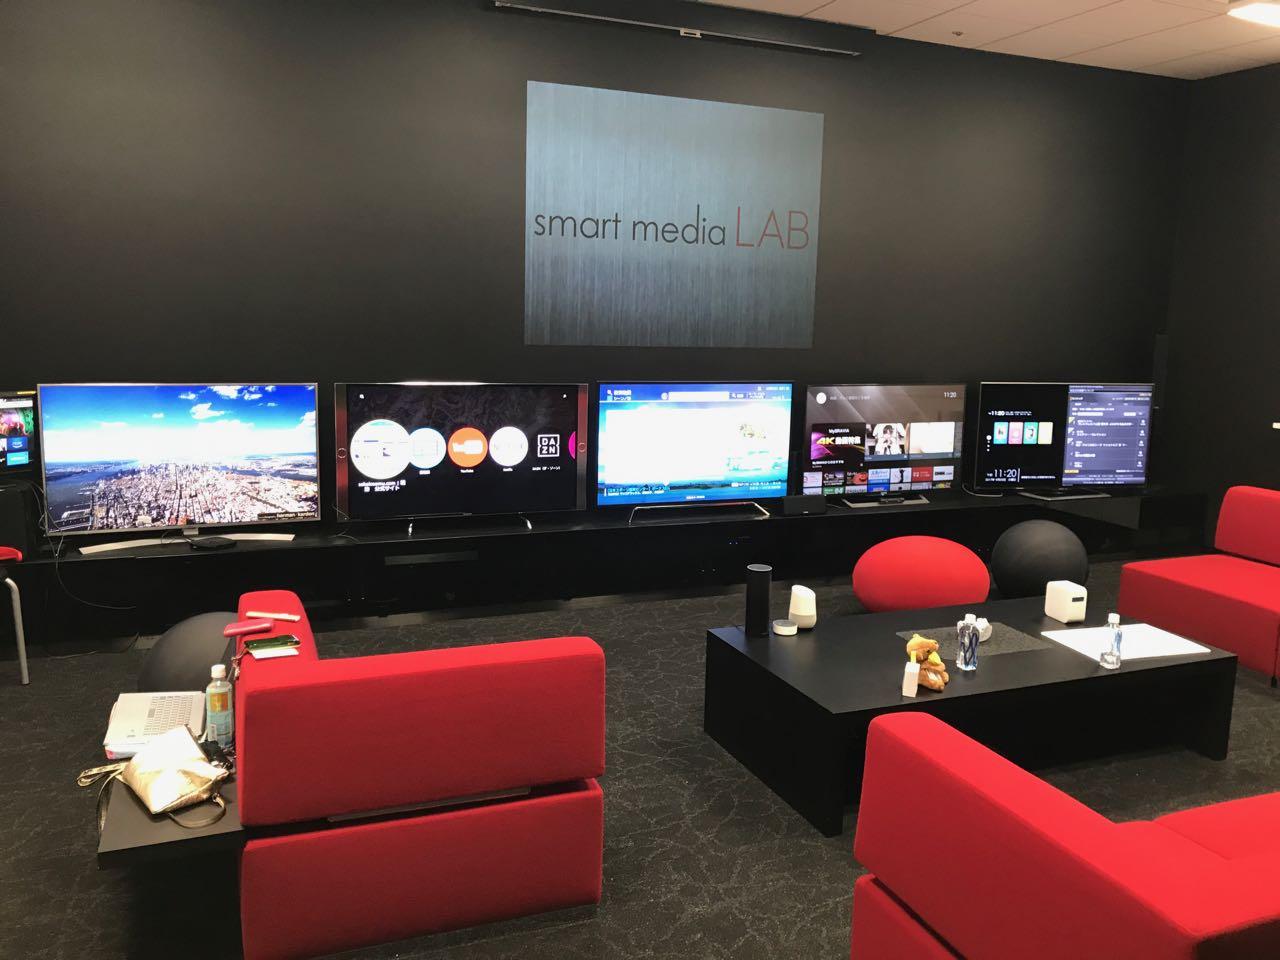 テレビが便利になると、放送は不便になる〜Smart Media LABを見学して〜